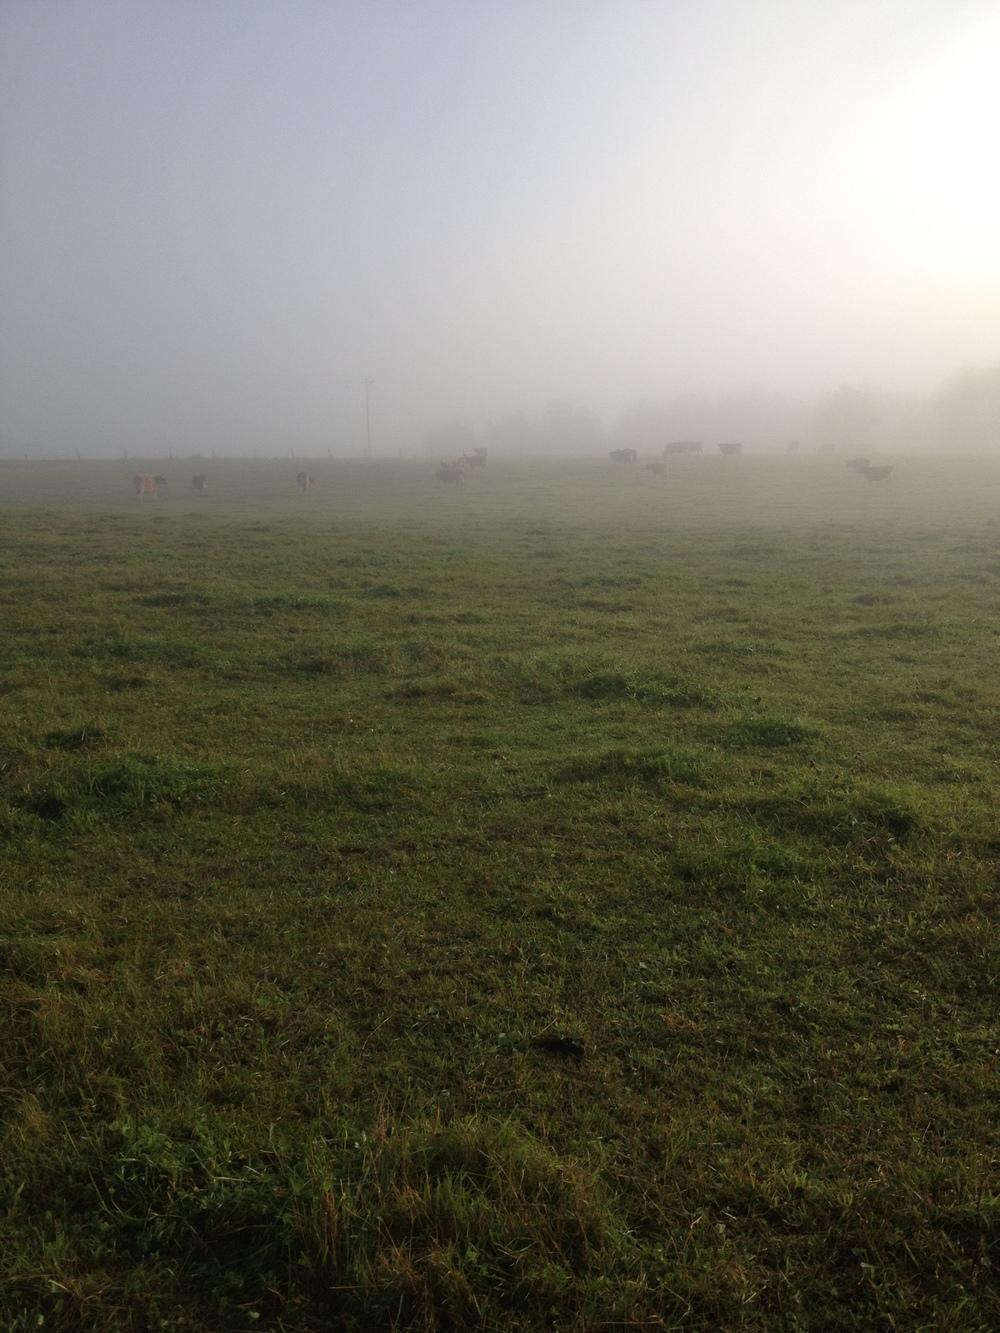 Hazy fall morning